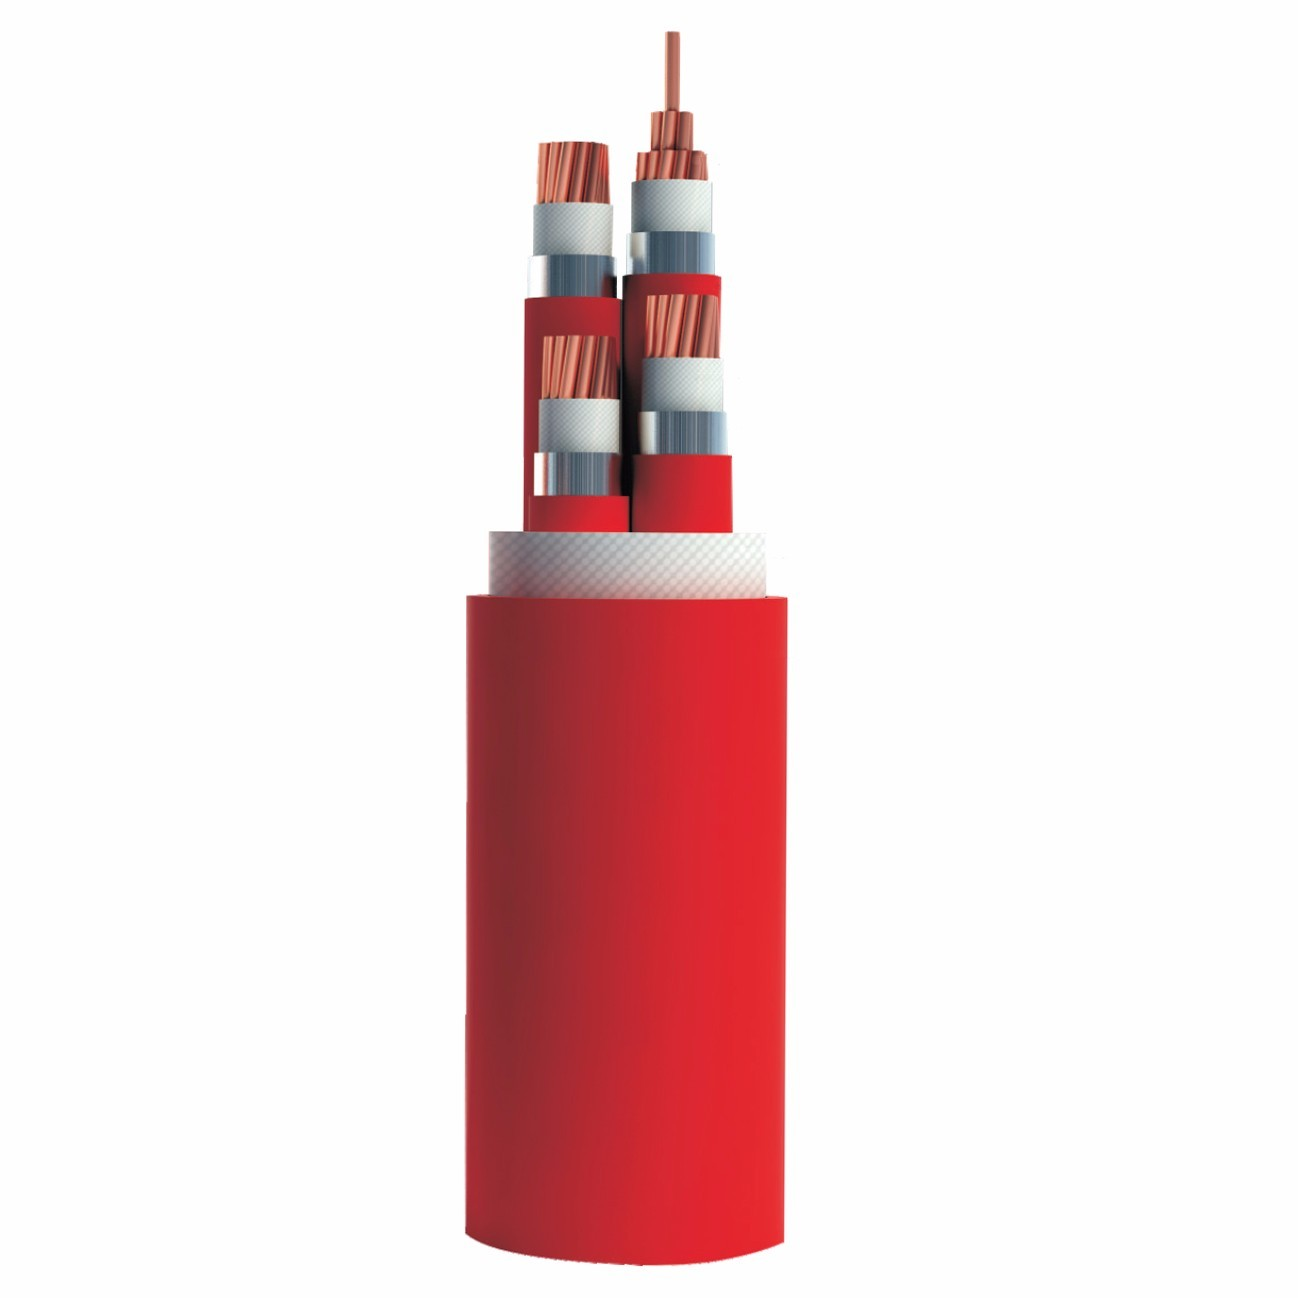 柔性隔離型鋁護套礦物絕緣電纜NG-A (BTLY)